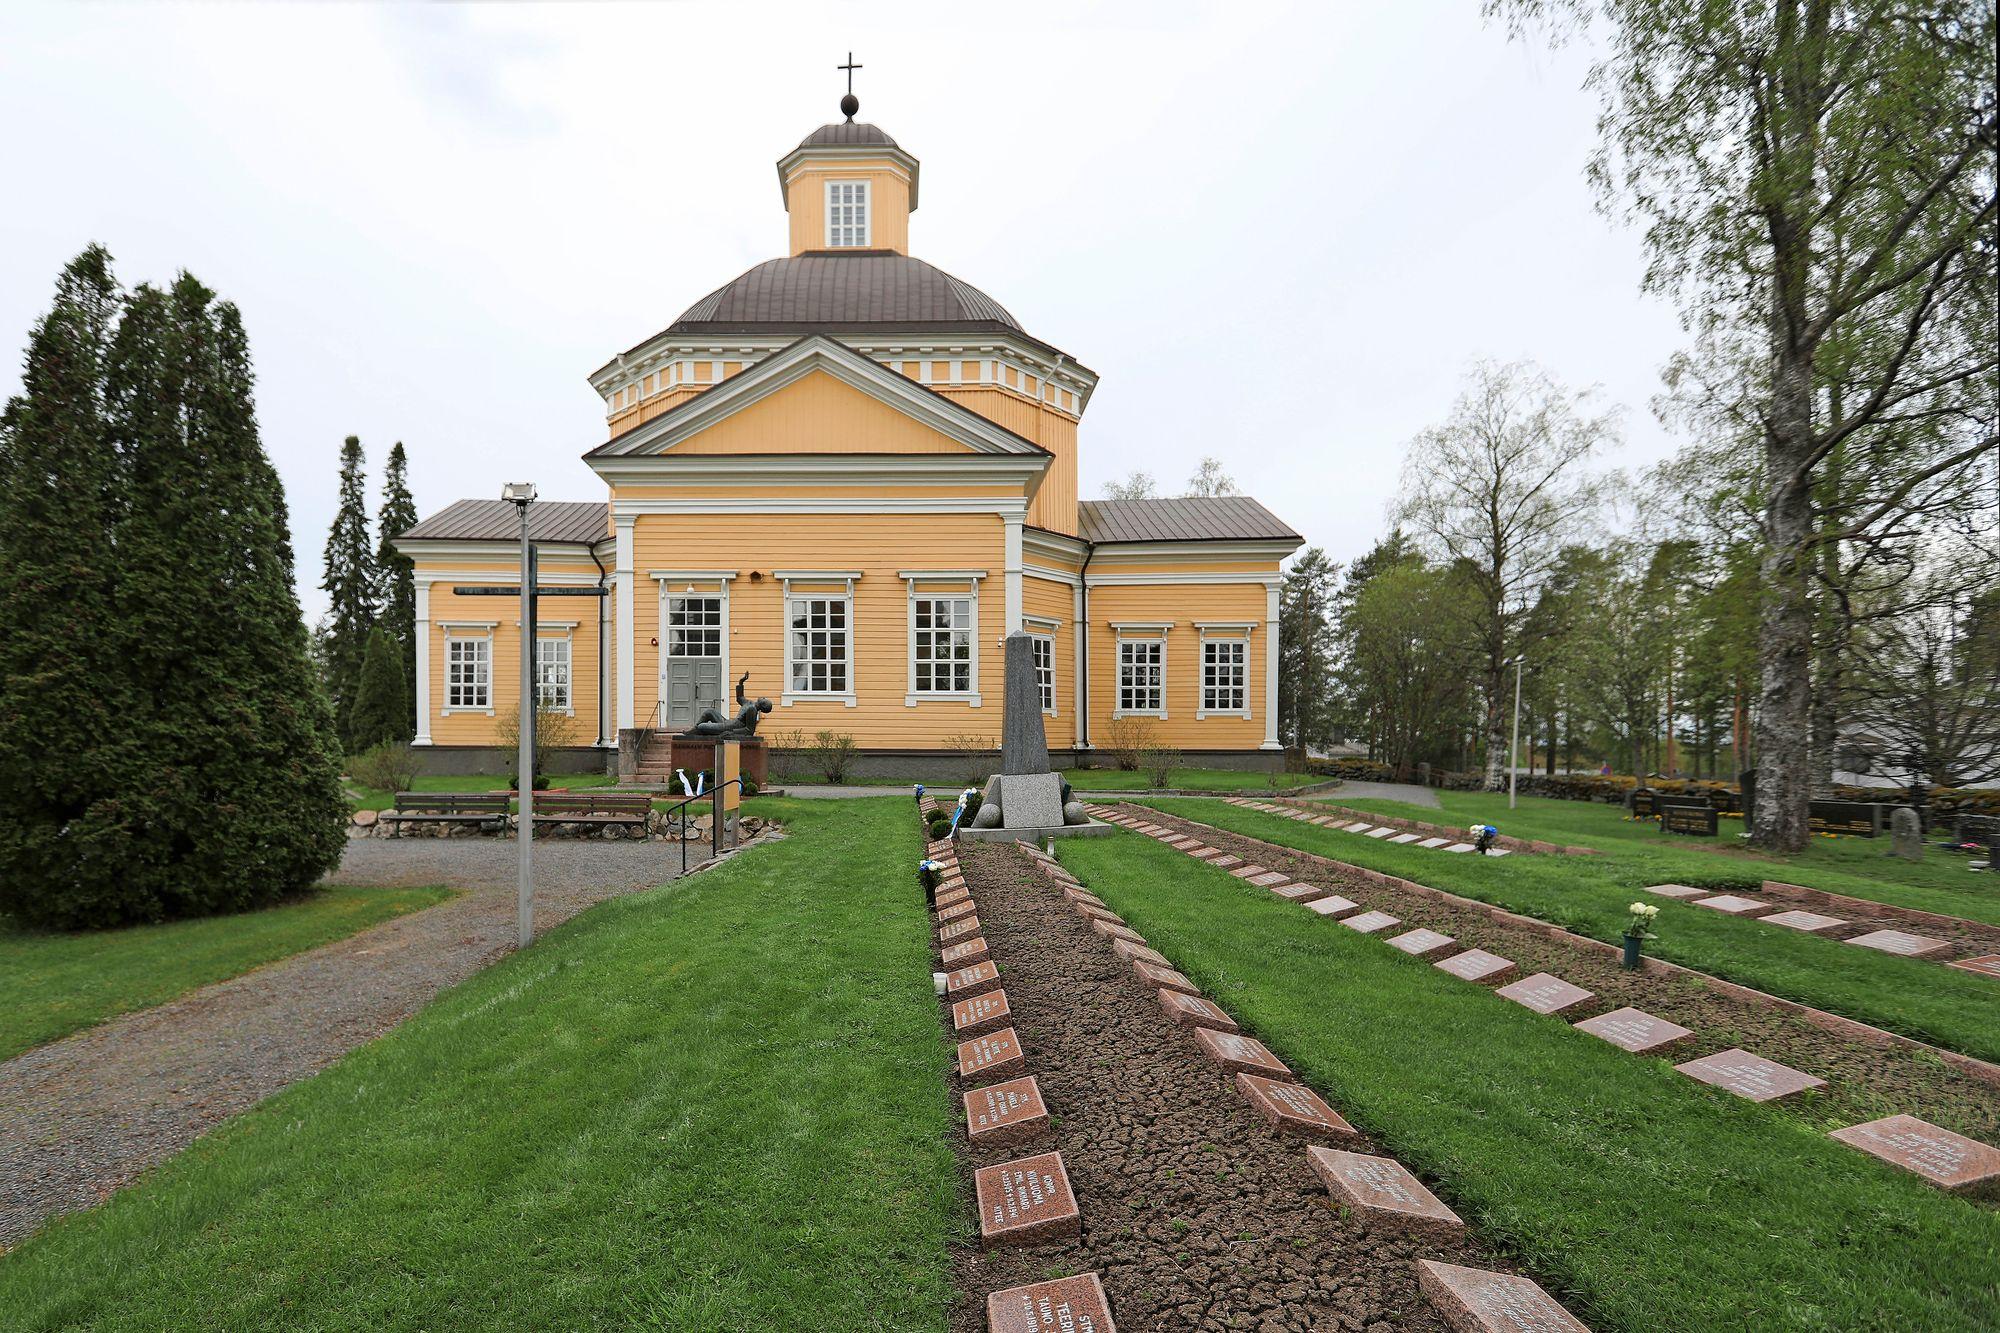 Isojoen kirkko on keskellä kylää. Kyllikki Saari pyöräili jumalanpalvelukseen aamulla 17.5.1953. Illalla hänet surmattiin. © Jussi Partanen